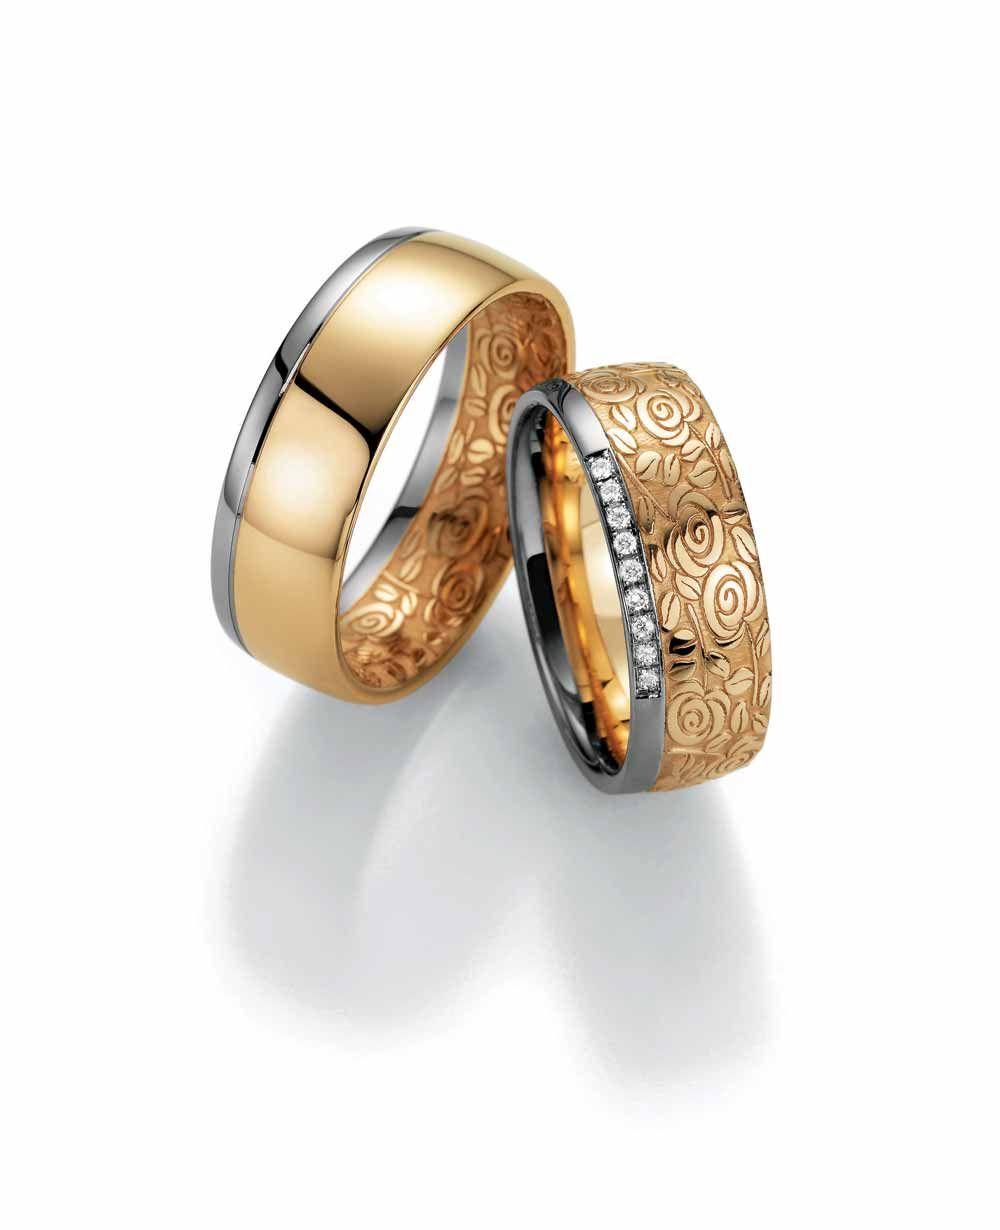 080d97f4d265 Славянские обручальные кольца (36 фото): свадебные аксессуары с  православной символикой, символы-свадебники